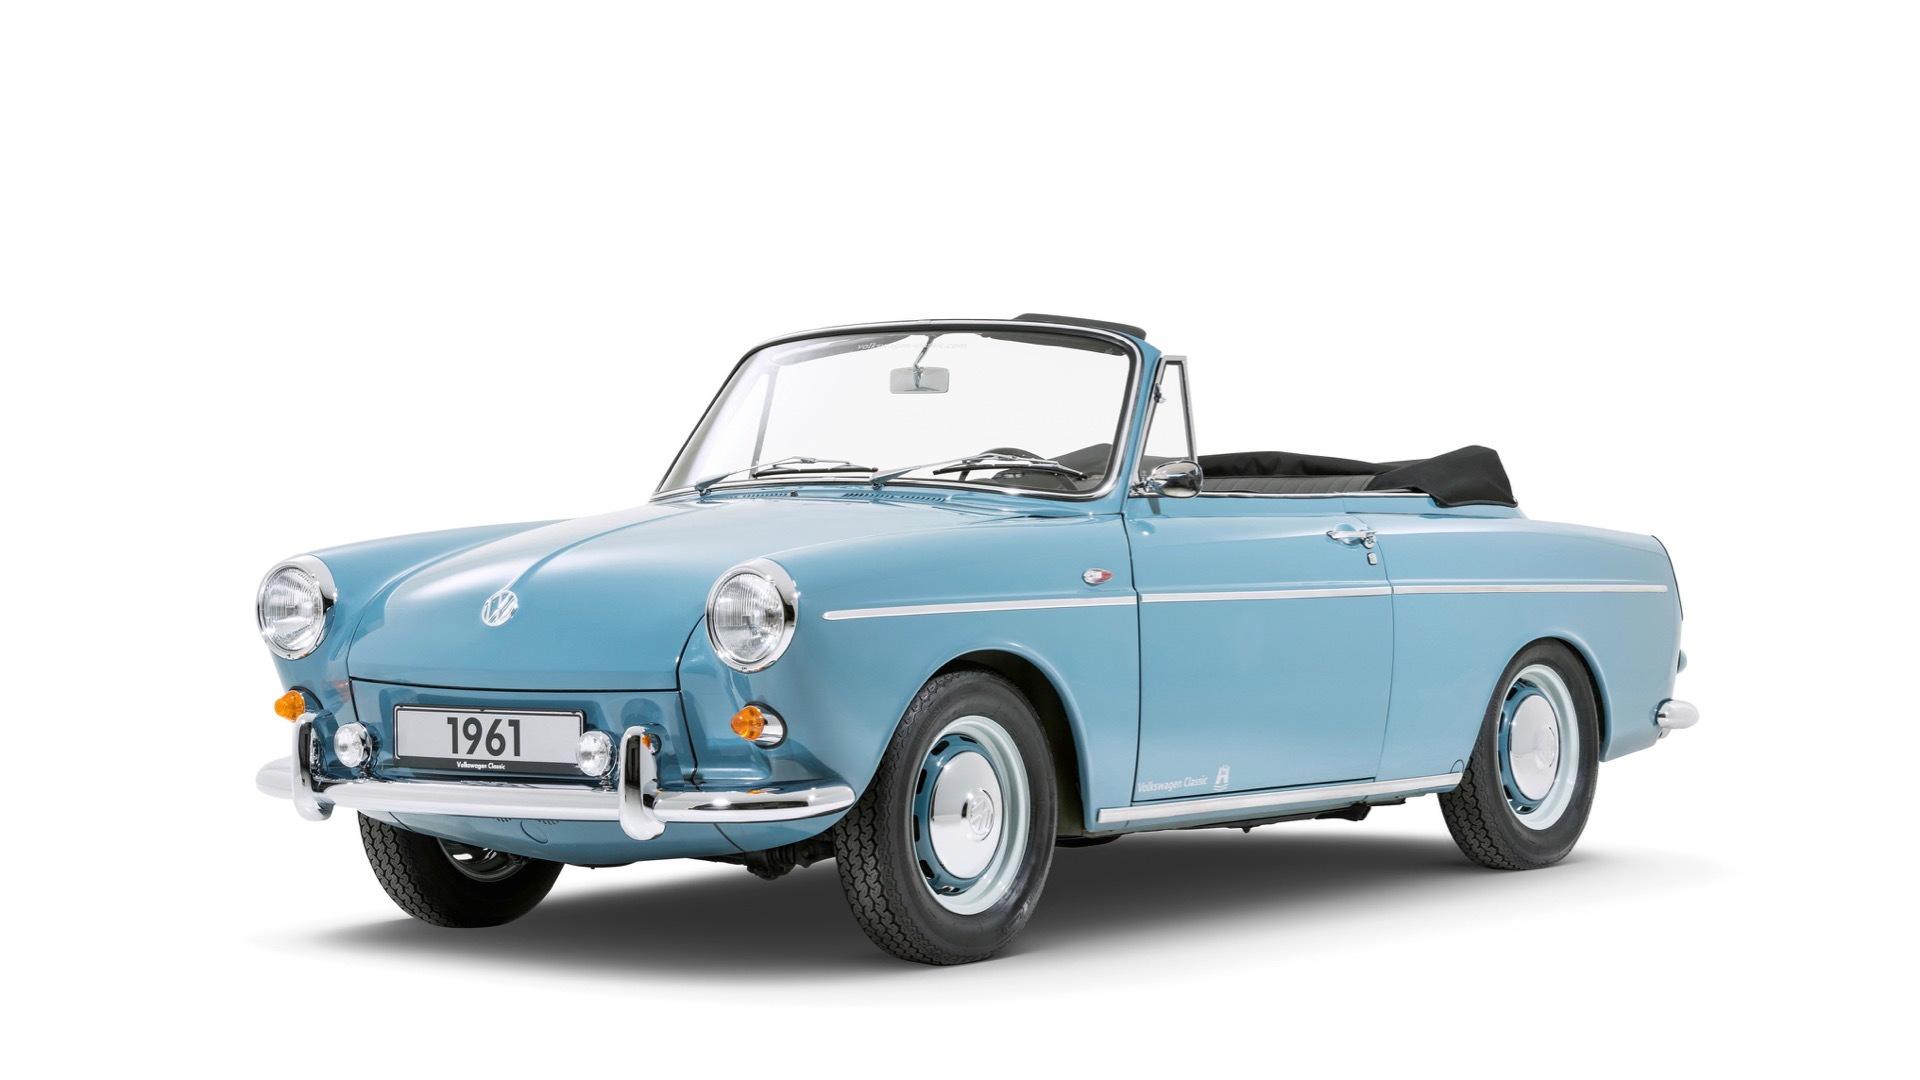 1961 Volkswagen Type 3 Cabriolet prototype